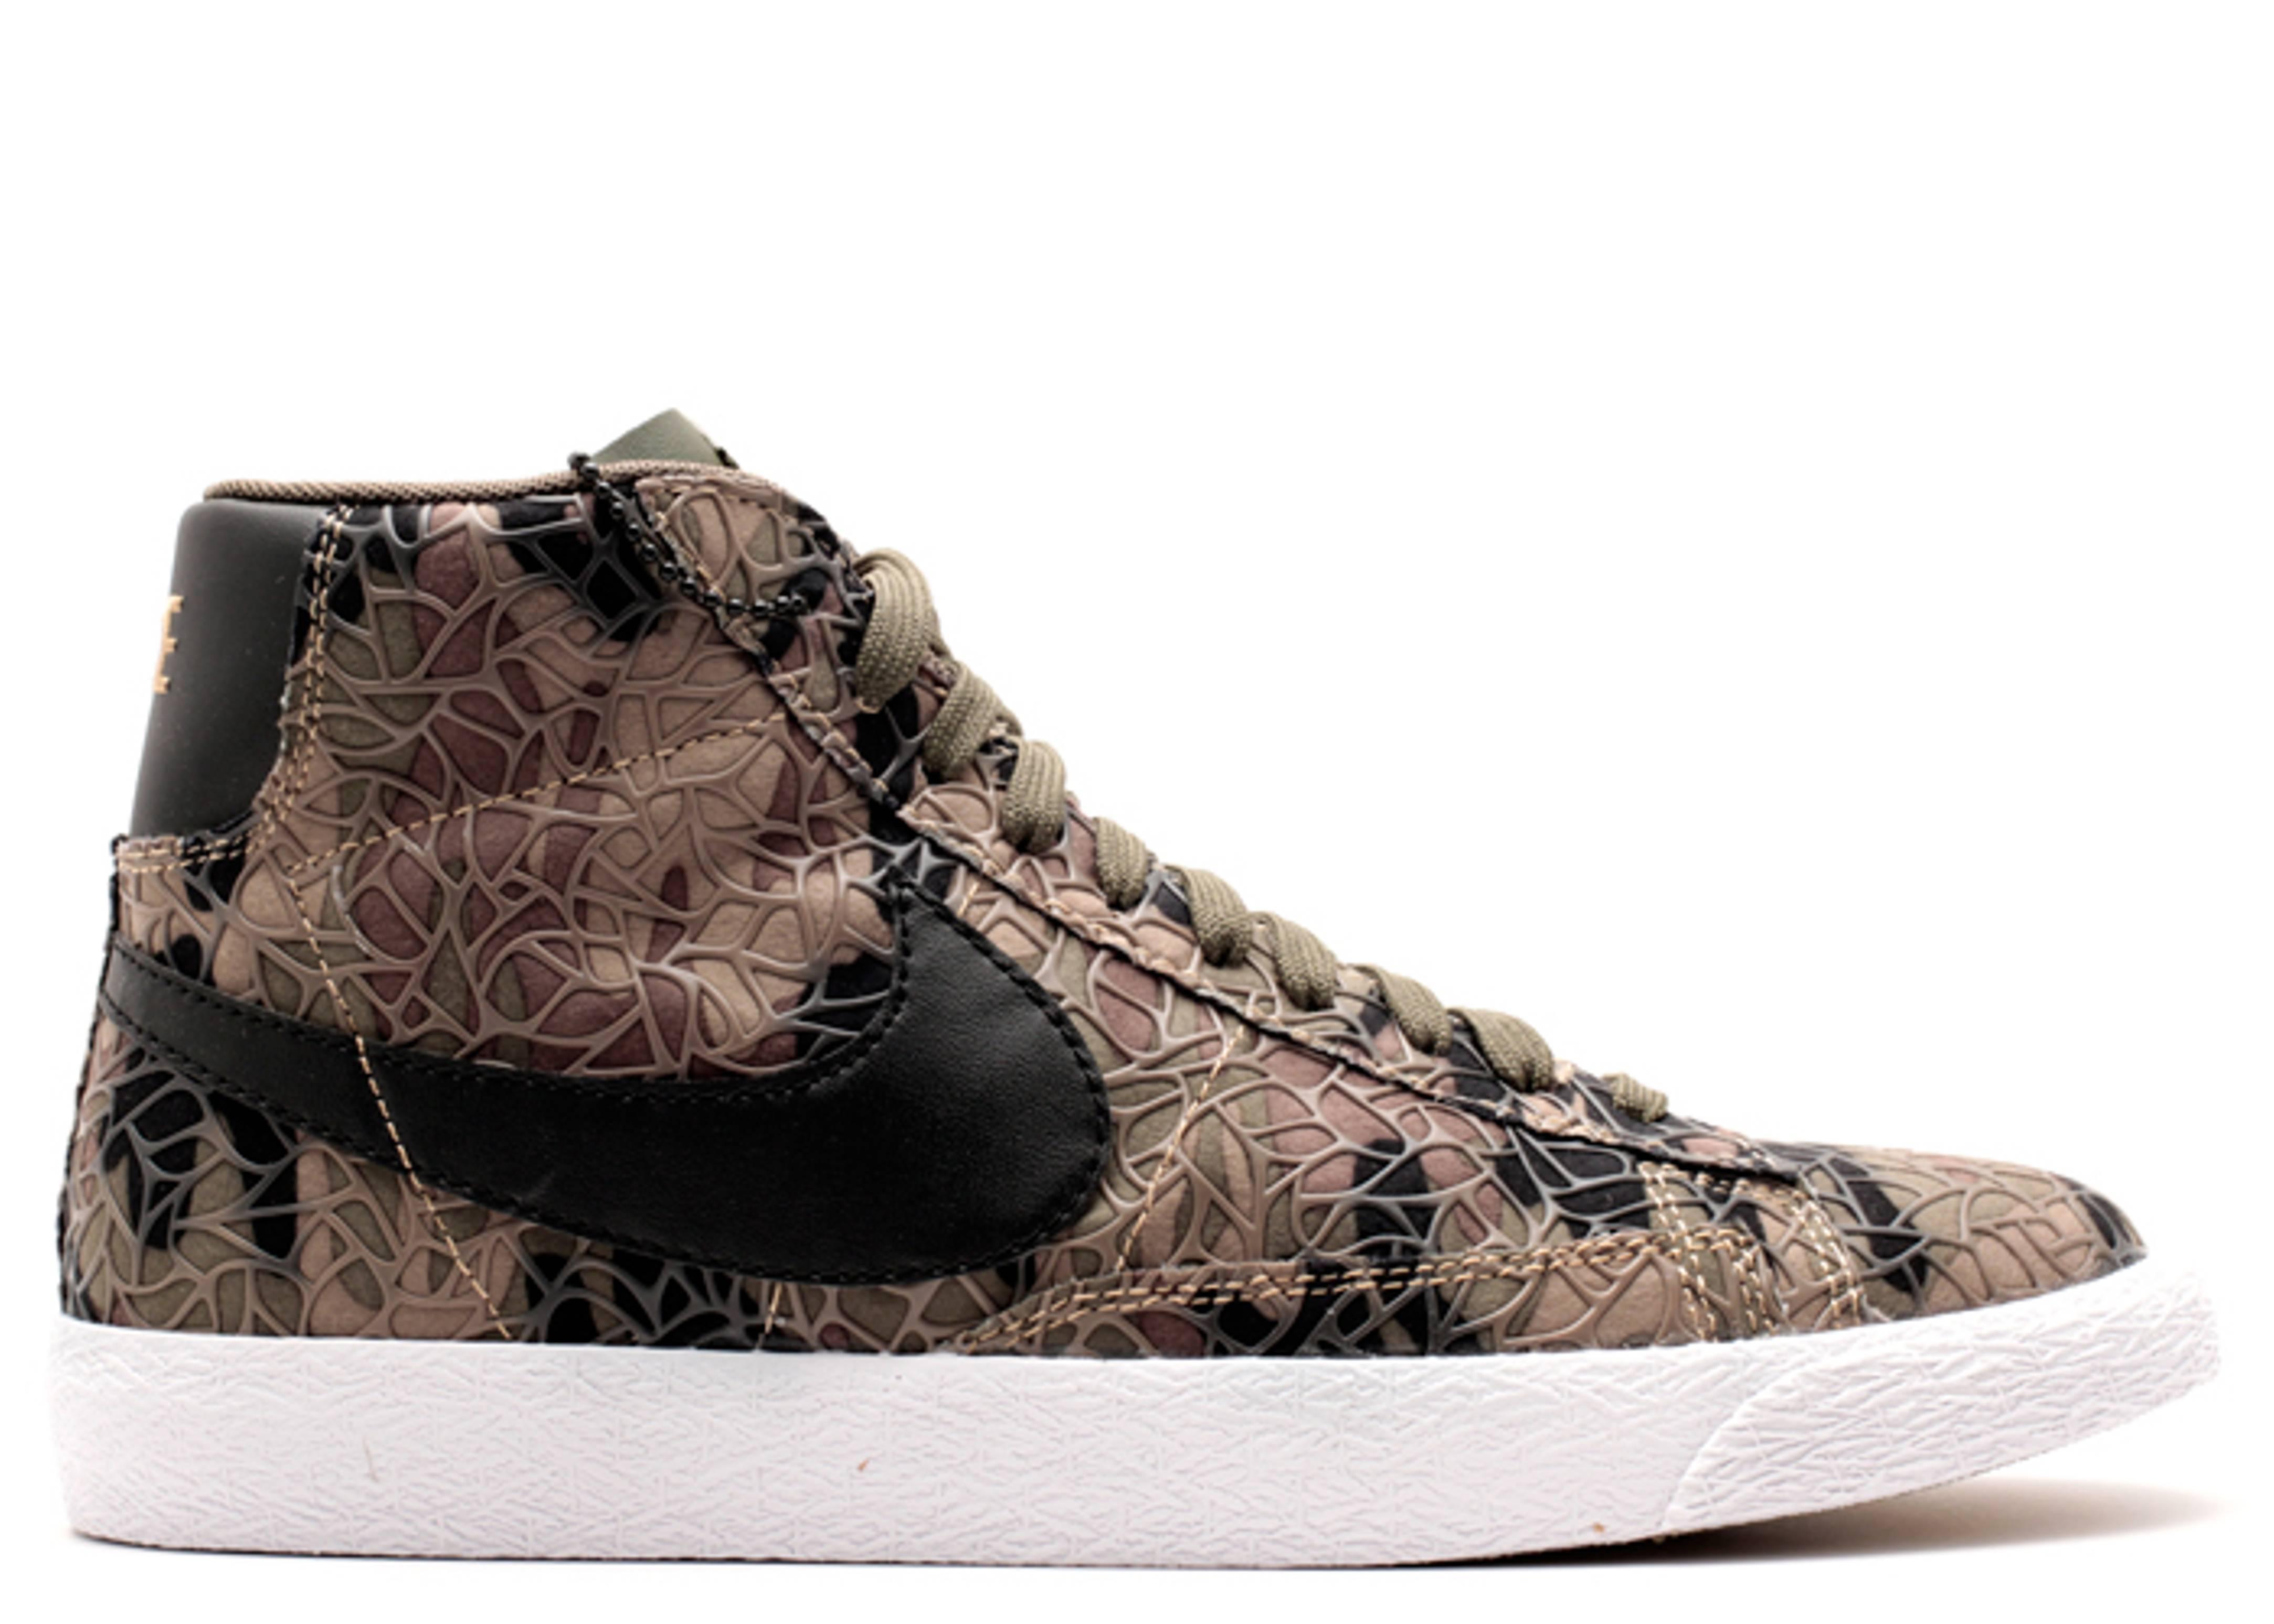 Nike Blazer Mid Prm Vntg Qs - Jean Kaki / Kakis Cargo sneakernews visiter le nouveau magasin à vendre paiement sécurisé sortie rabais bCnkX0NzJQ